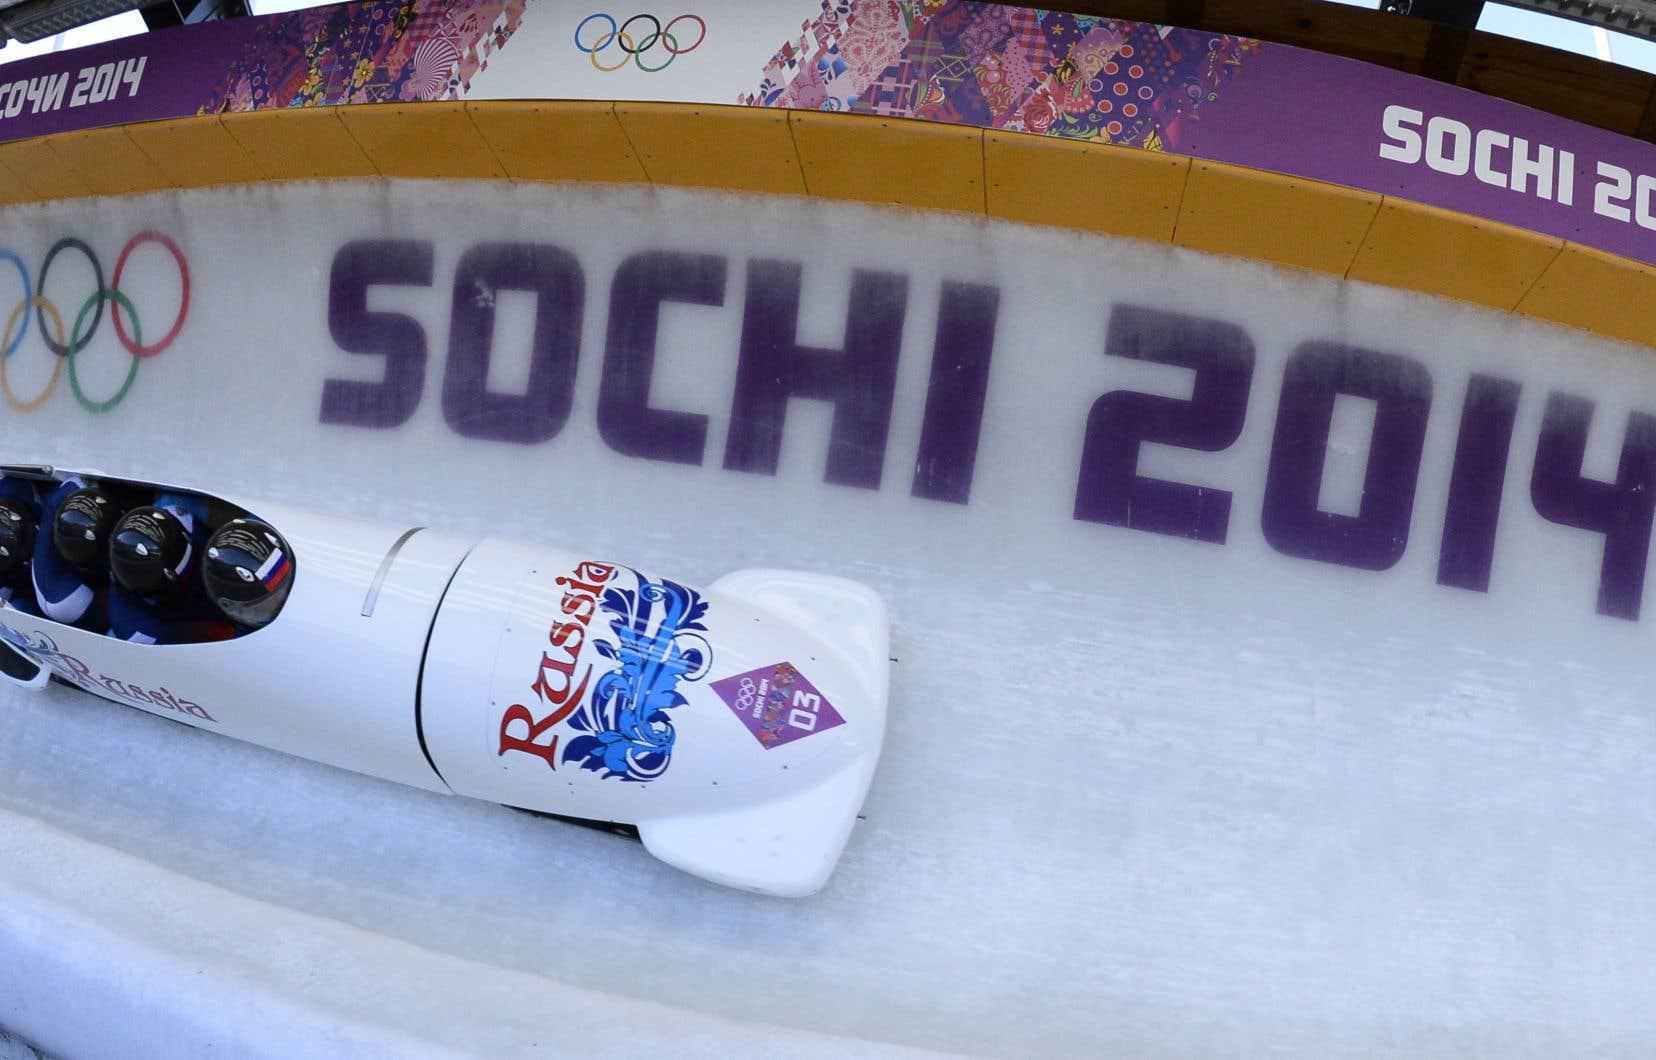 Deux champions olympiques de bobsleigh à quatre aux Jeux de Sotchi en 2014 sont ciblés.